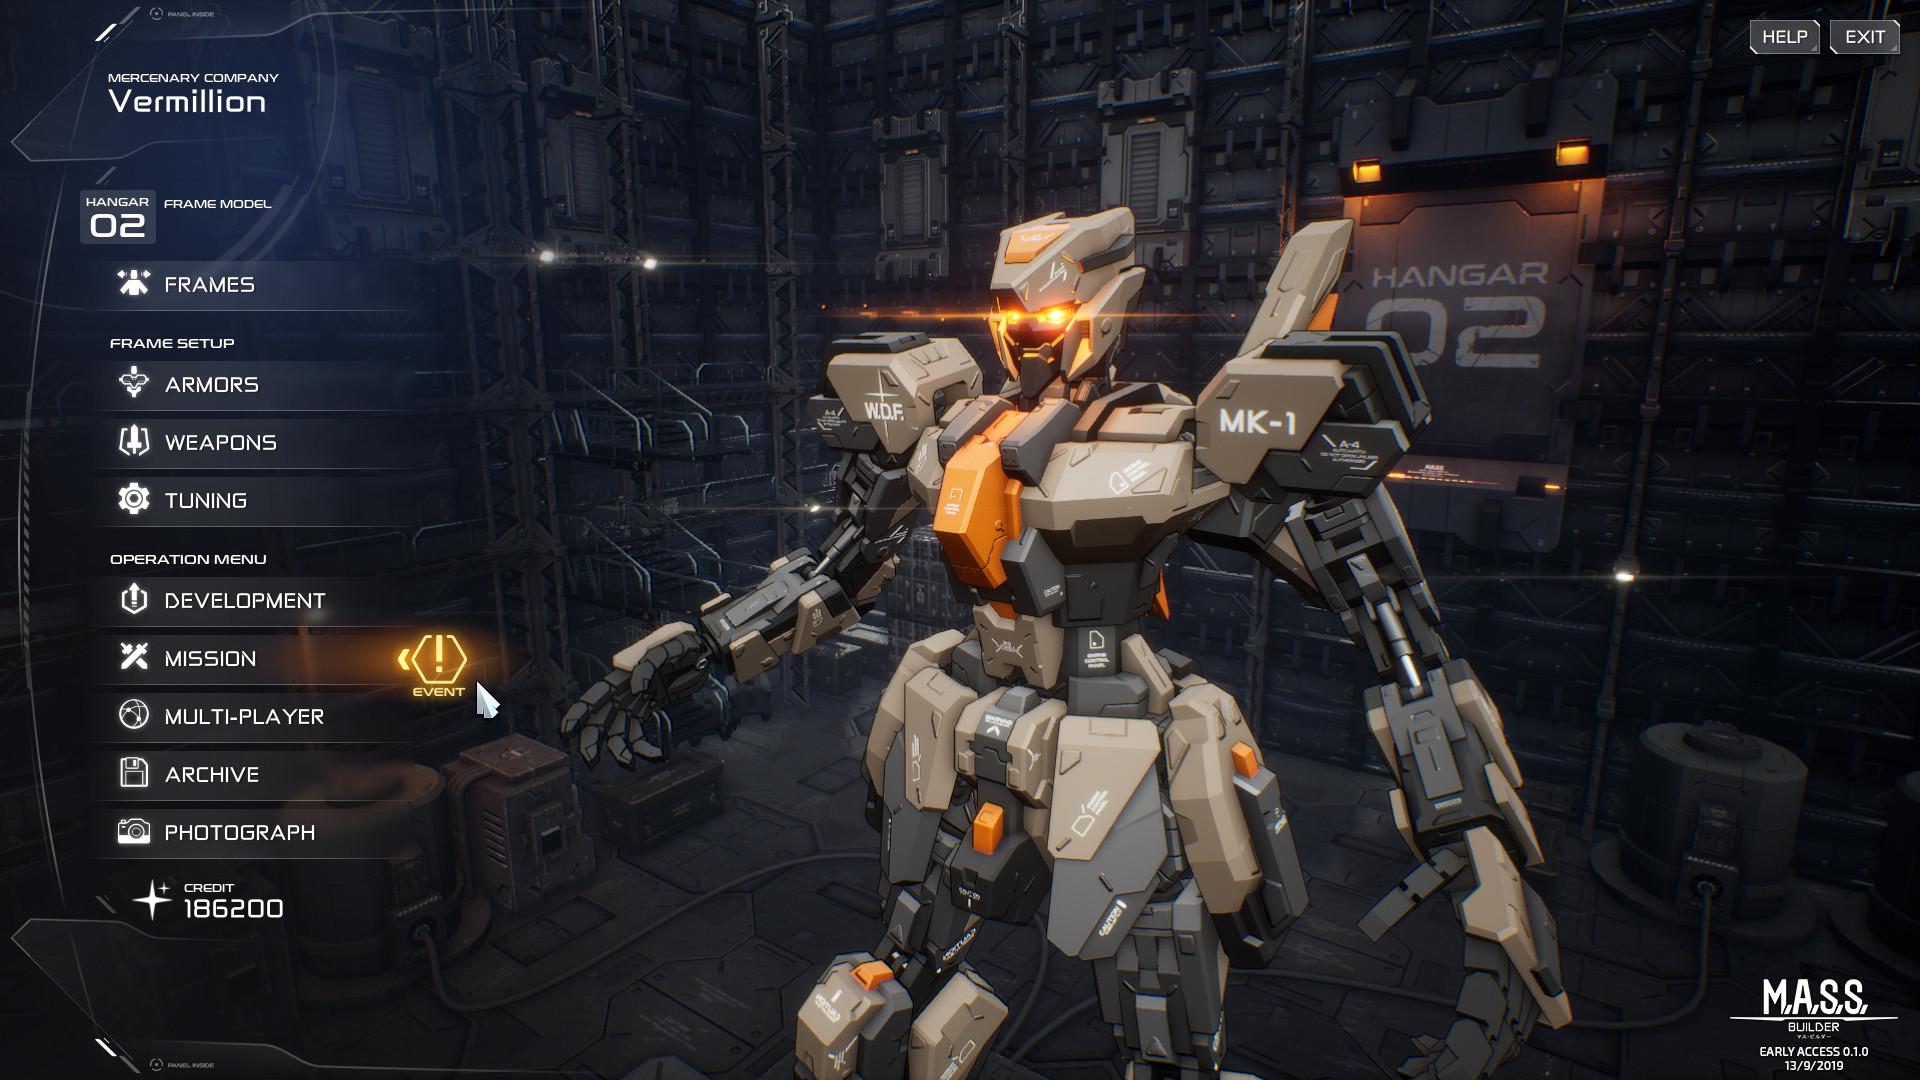 高达既视感强烈 泰国机甲游戏《M.A.S.S. Builder》EA版13日发行高达既视感强烈 泰国机甲游戏《M.A.S.S. Builder》EA版13日发行